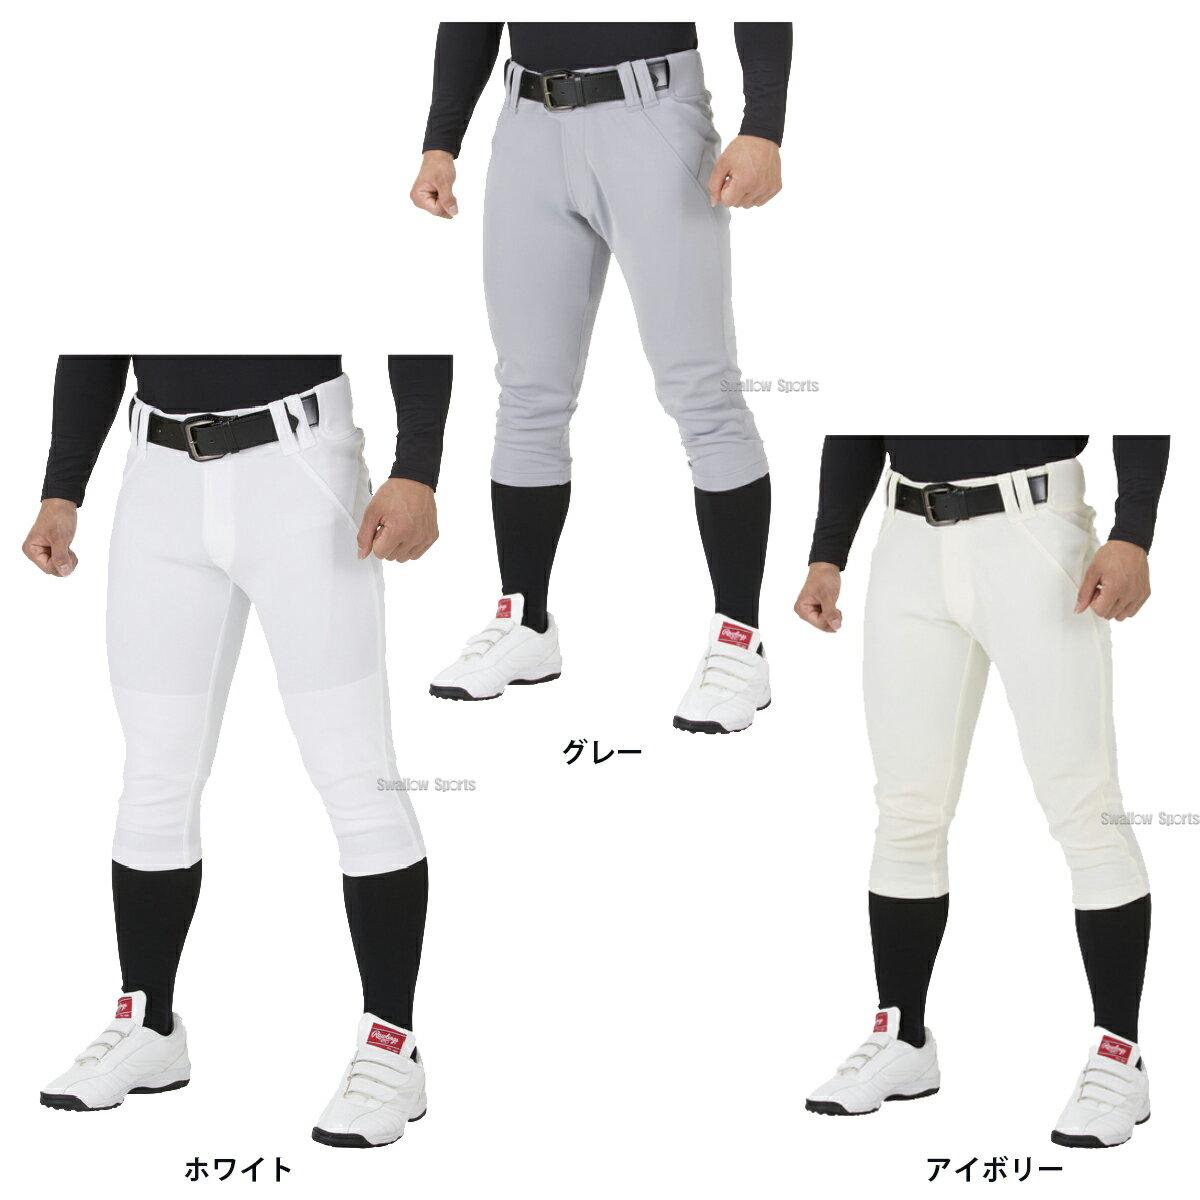 【あす楽対応】 ローリングス 3D ウルトラハイパーストレッチ パンツ ショートフィット (刺しゅうマークなし) APP7S01-NN ウェア ウエア 野球用品 スワロースポーツ